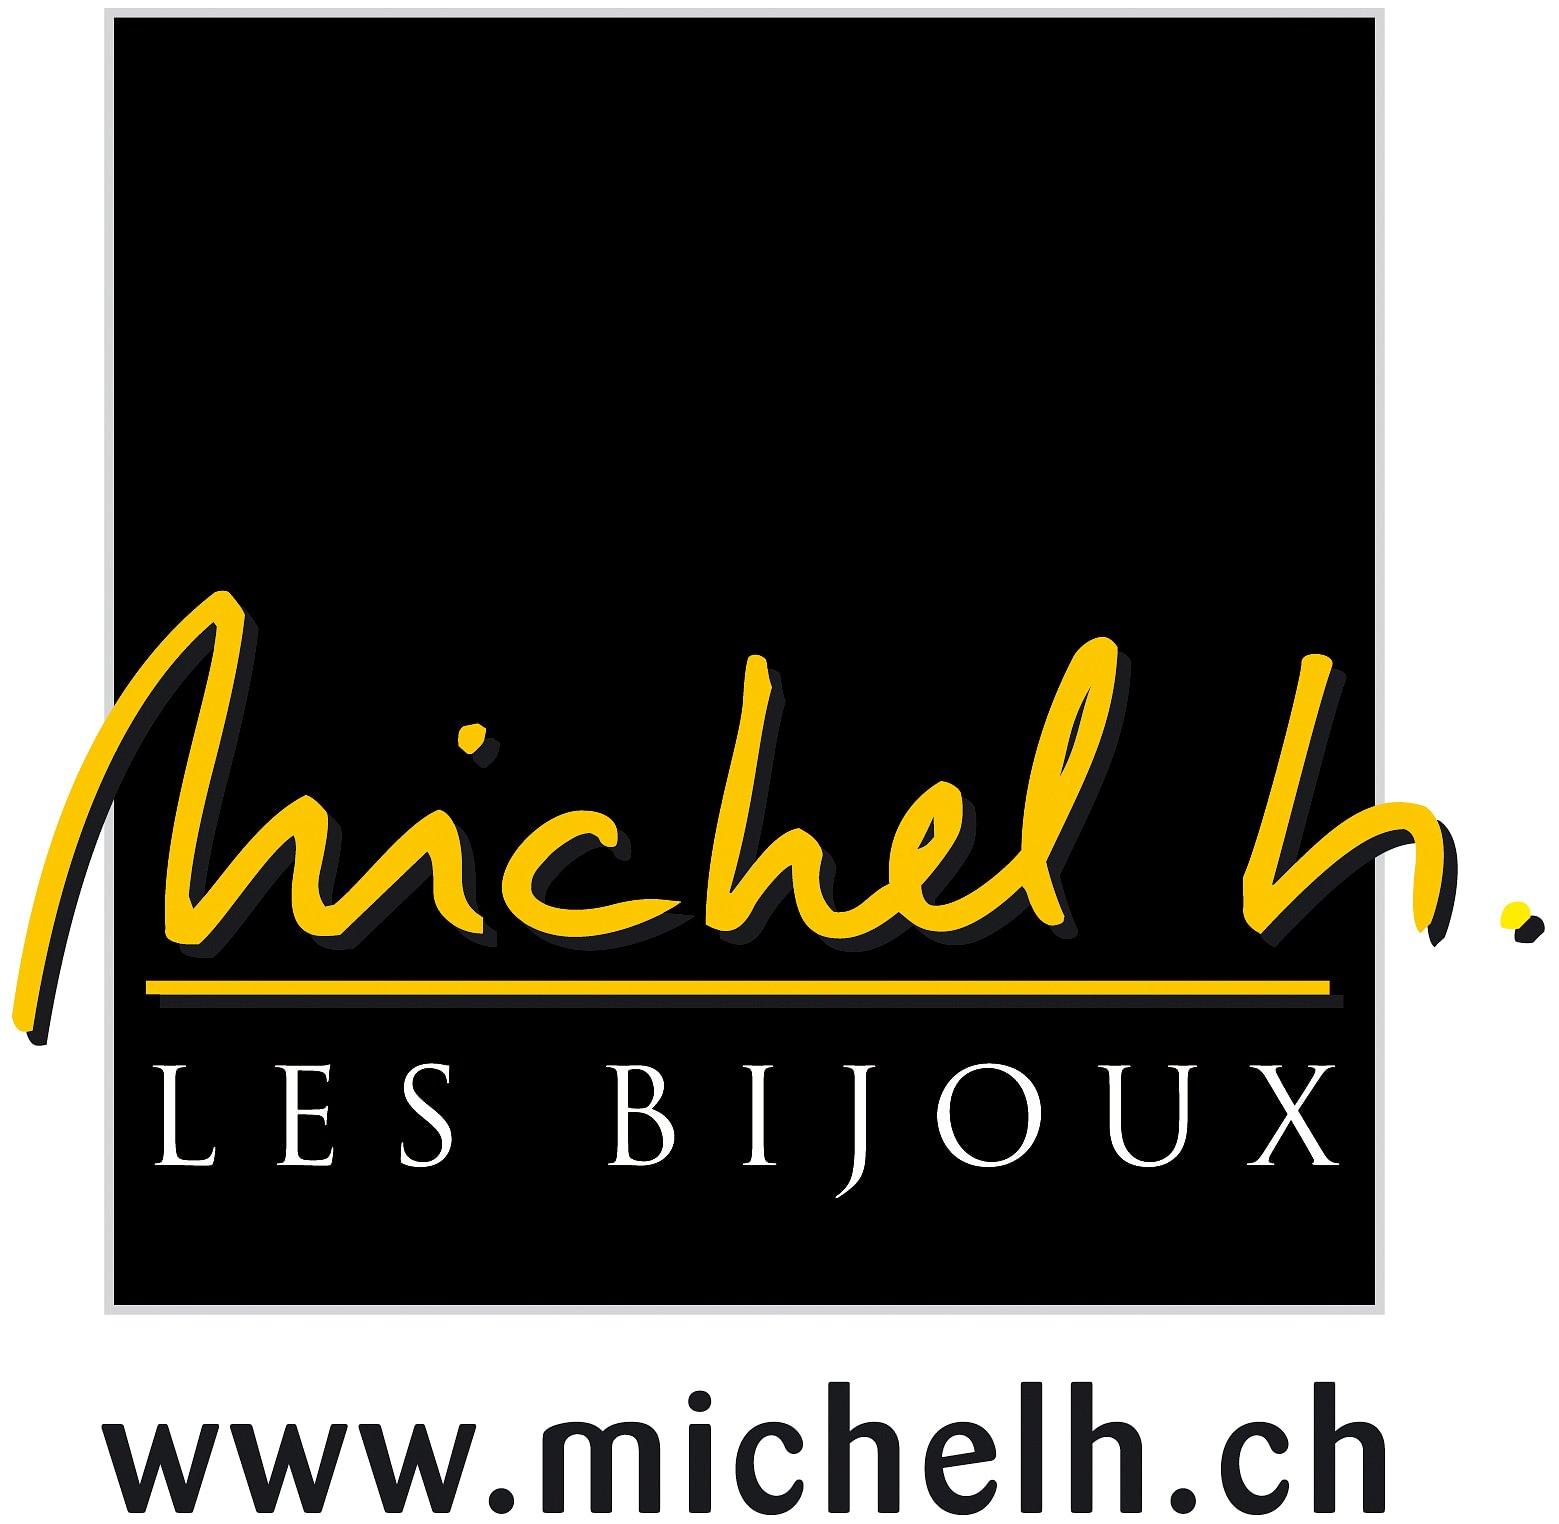 Michel h. SA